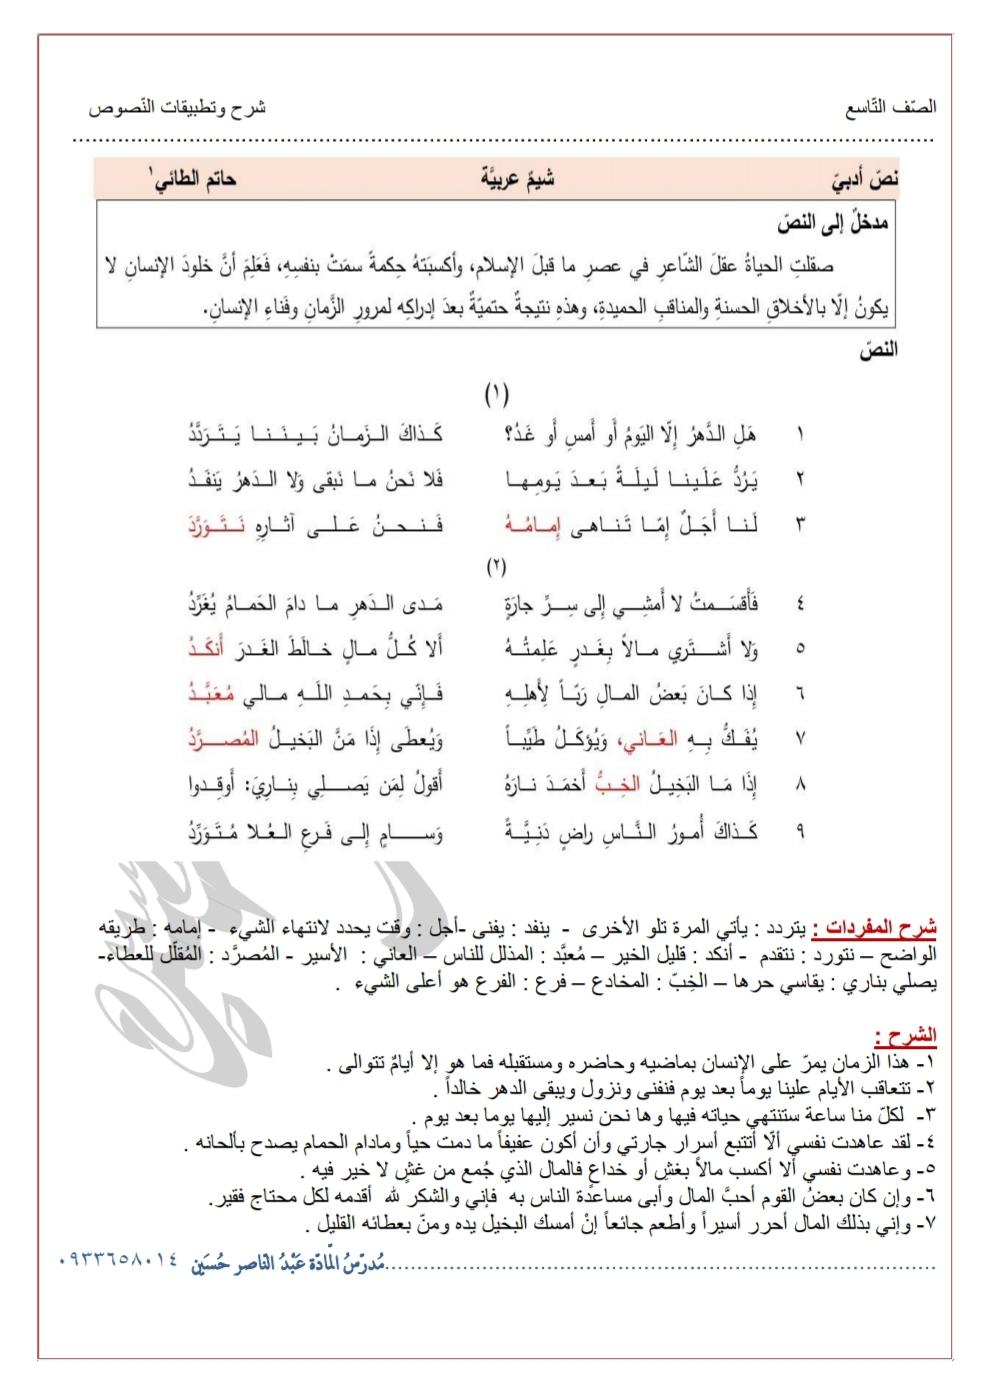 قصيدة شيم عربية الصف التاسع - المبدعون